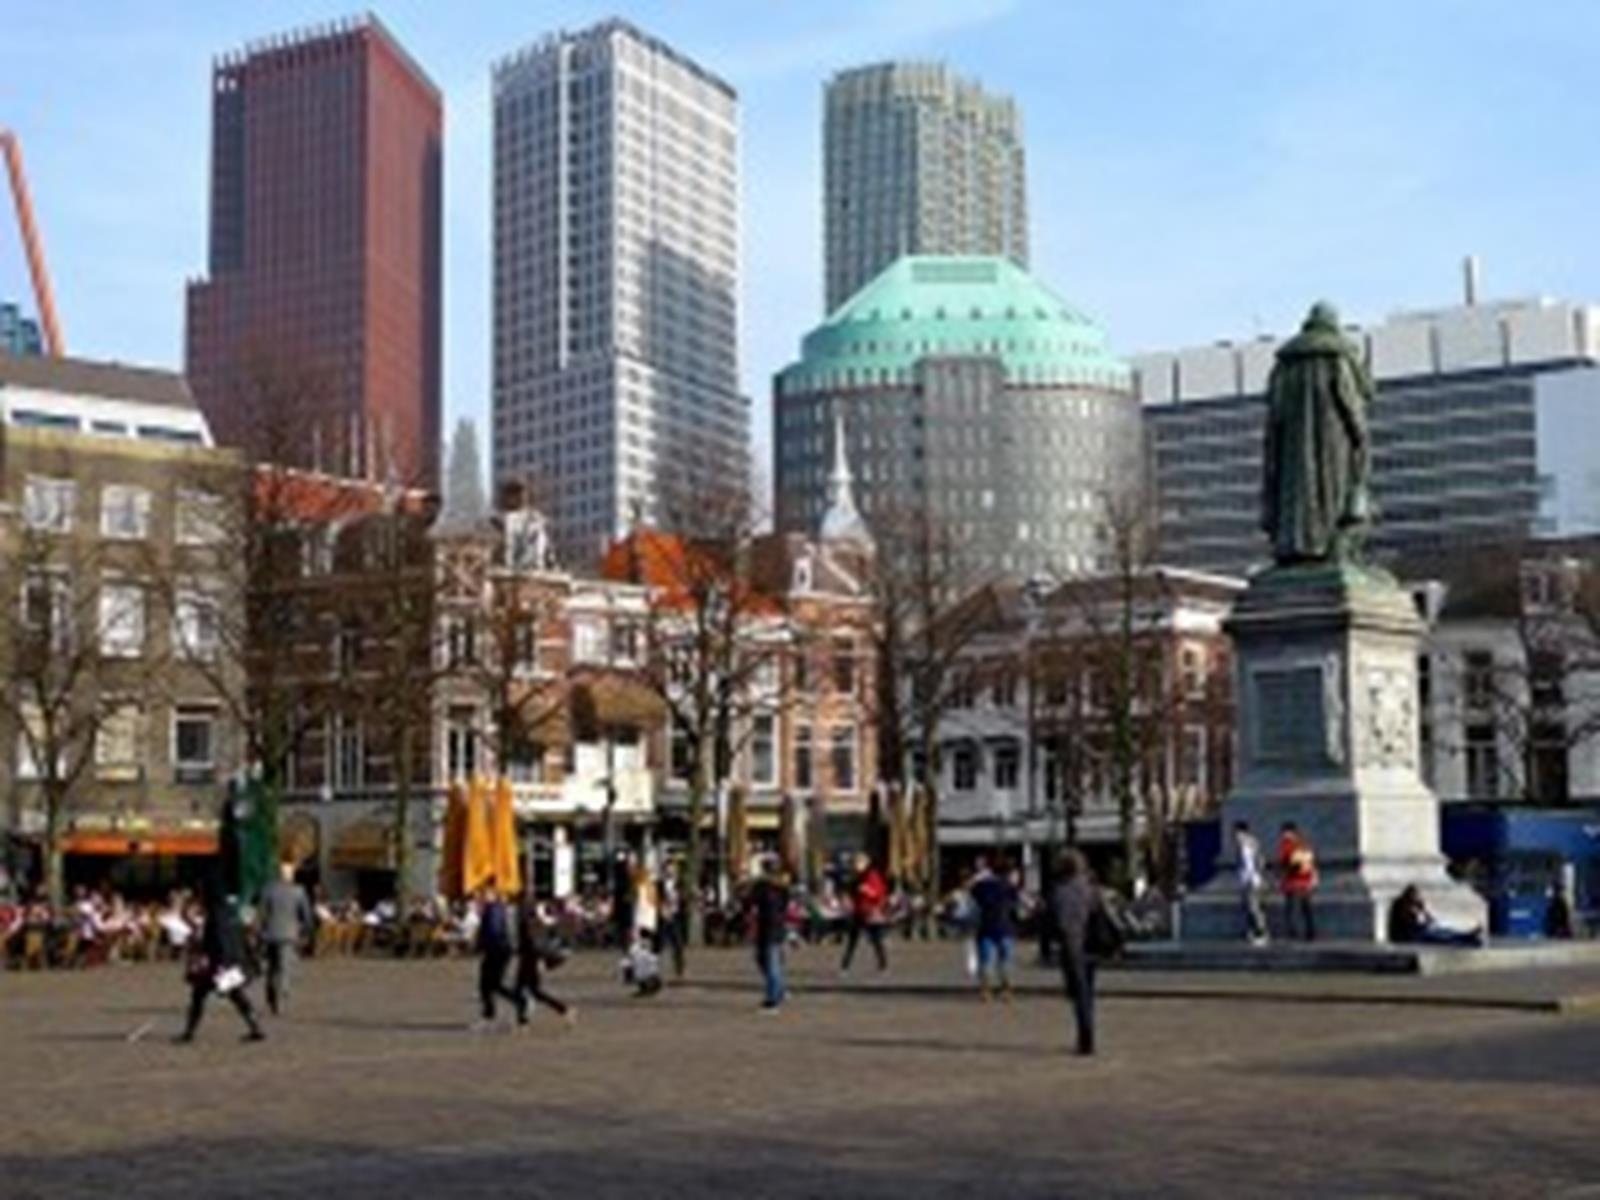 Het Plein in Den Haag, The Netherlands